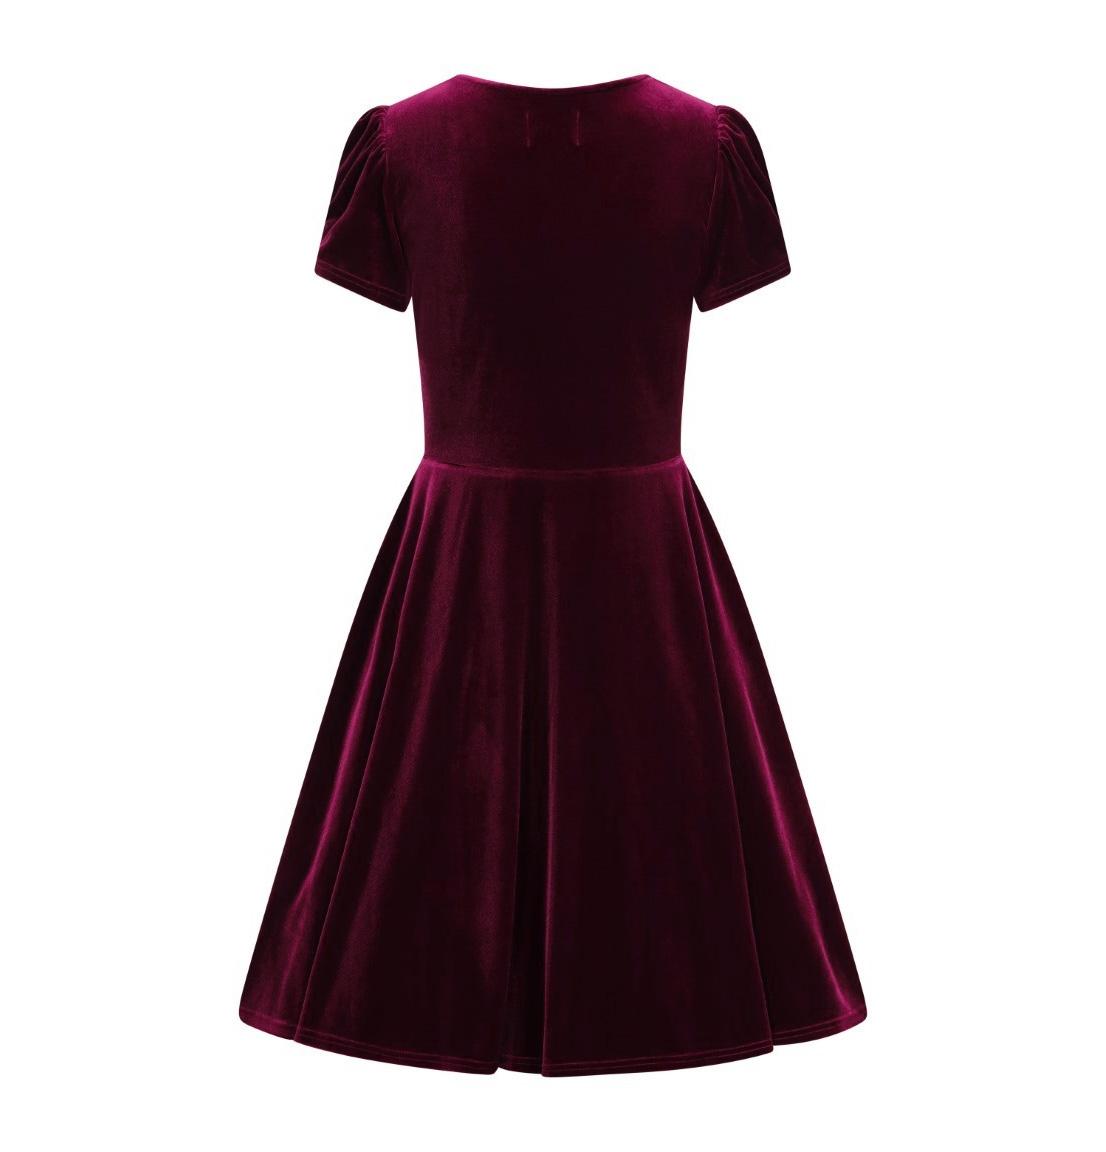 Hell-Bunny-40s-50s-Elegant-Pin-Up-Dress-JOANNE-Crushed-Velvet-Burgundy-All-Sizes thumbnail 49